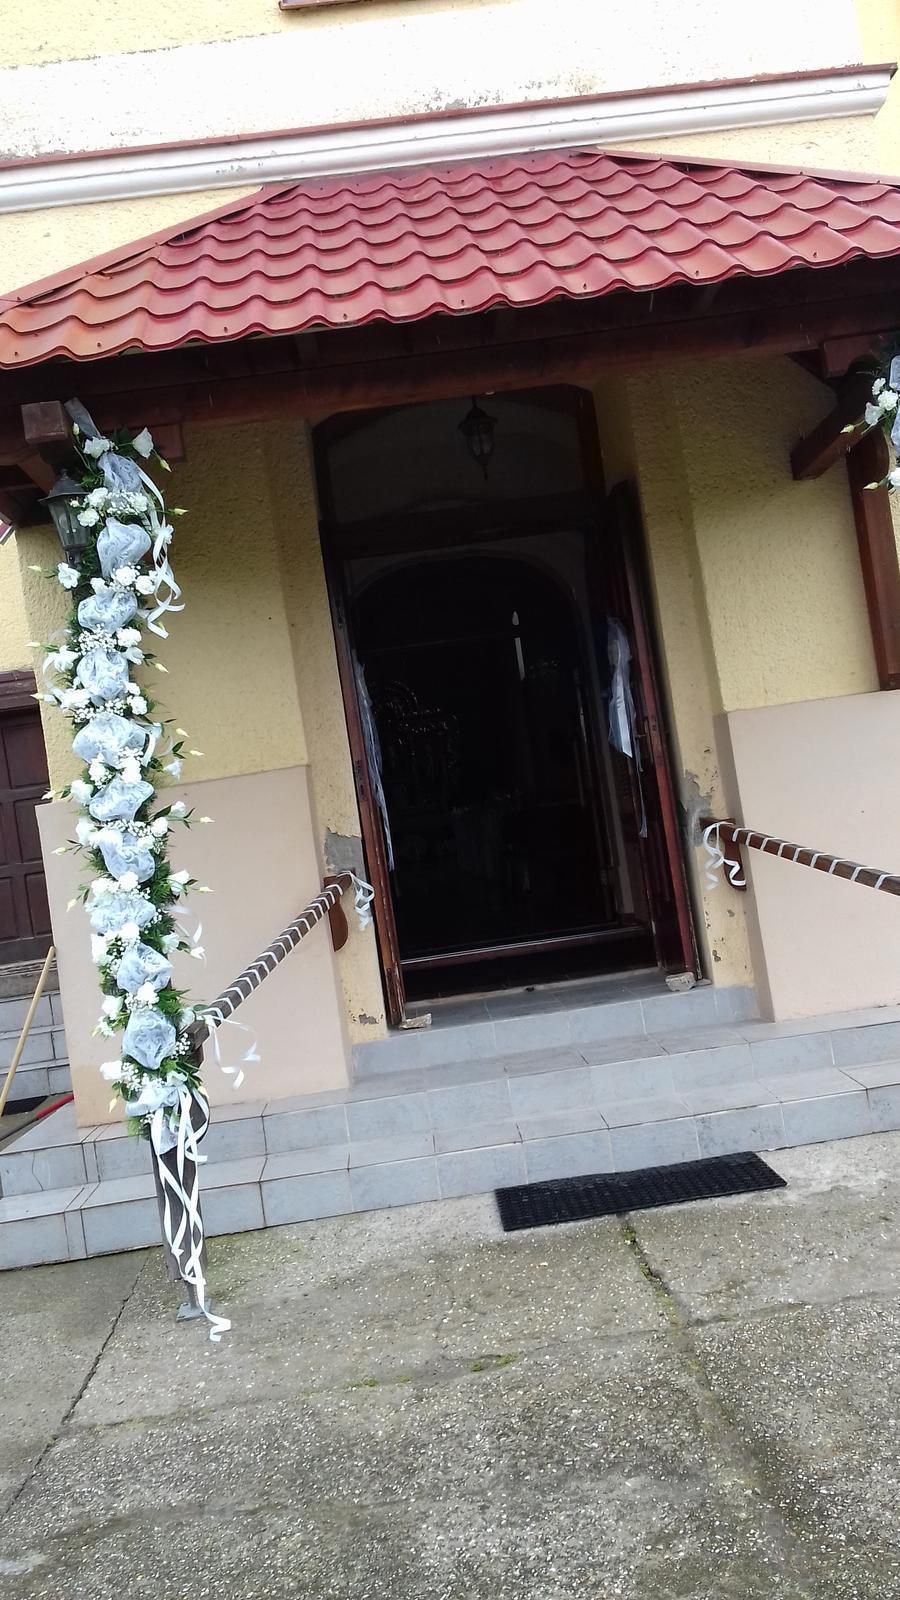 Svadobná girlanda na bránu,dvere - Obrázok č. 4